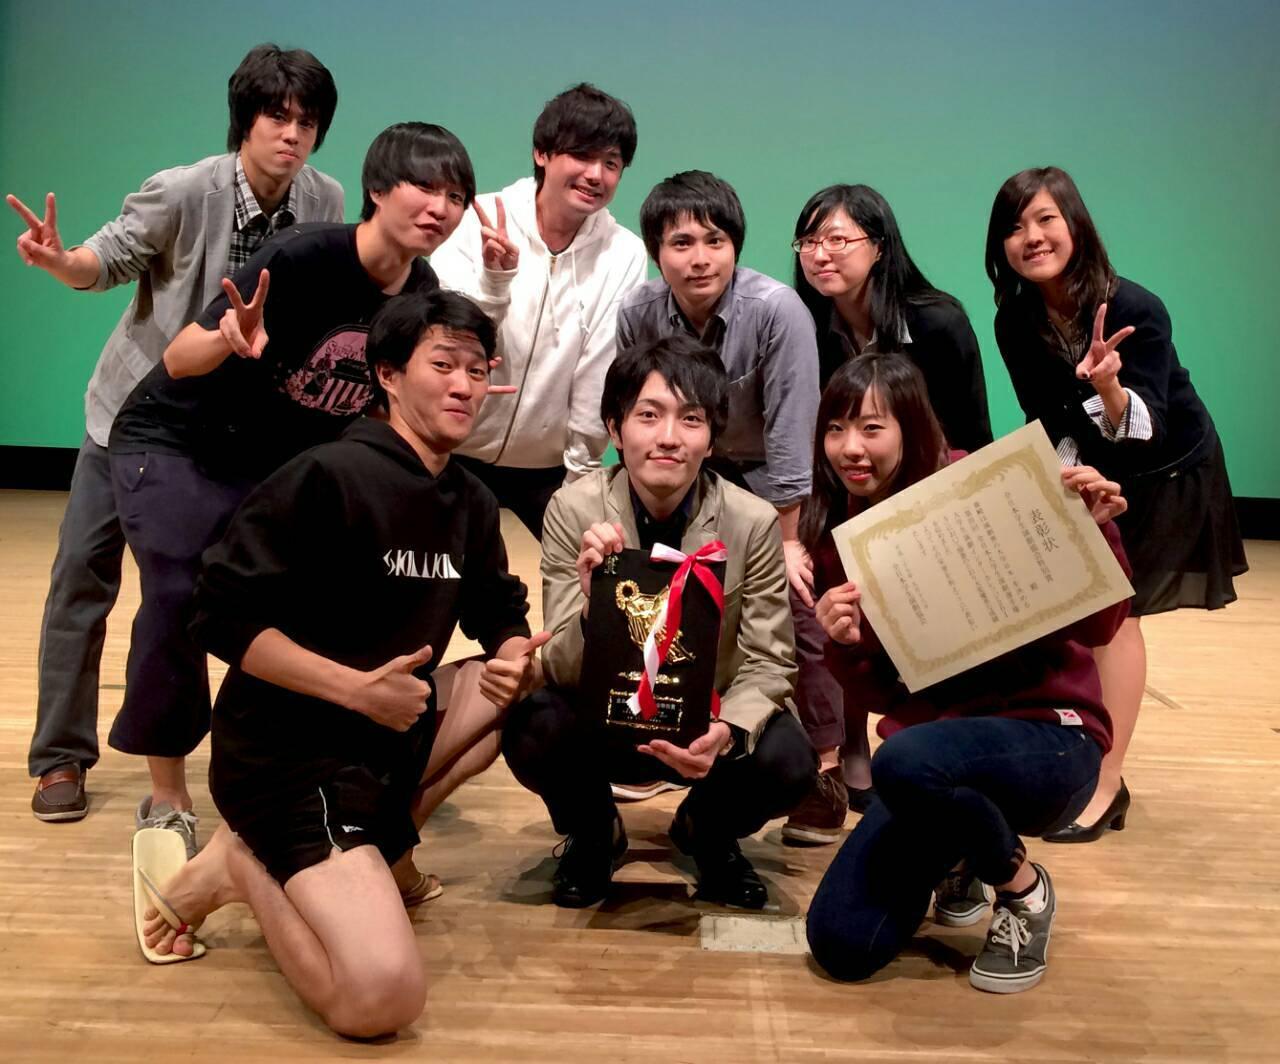 演劇インターカレッジ2015で審査員特別賞を受賞した際